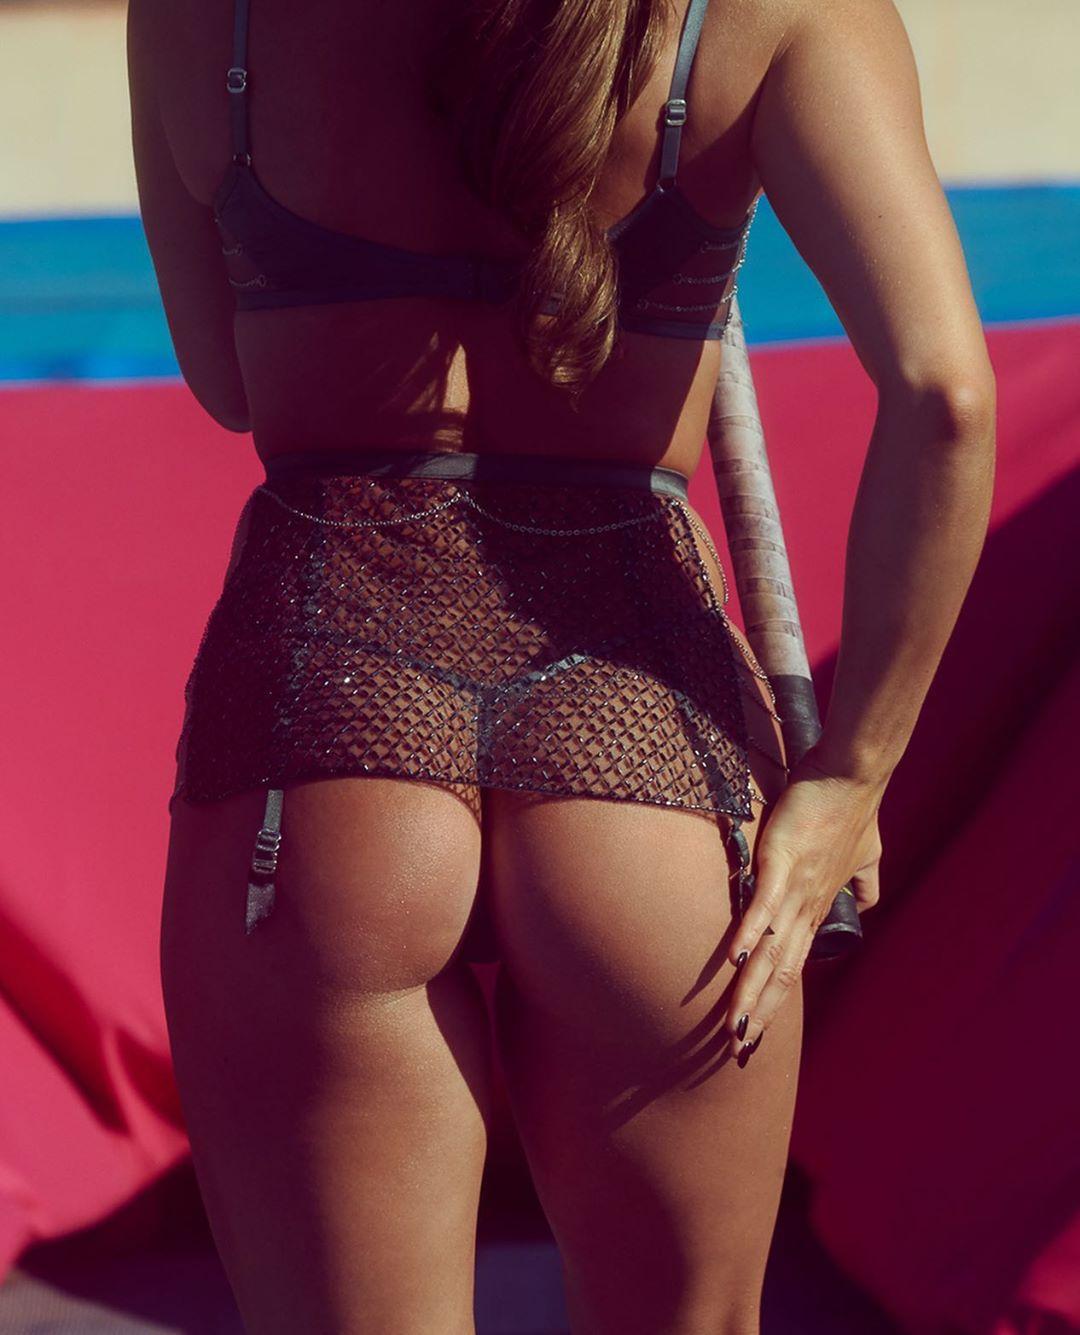 Alysha Newman e mais três atletas olímpicas deixam os fãs boquiabertos com fotos em lingerie